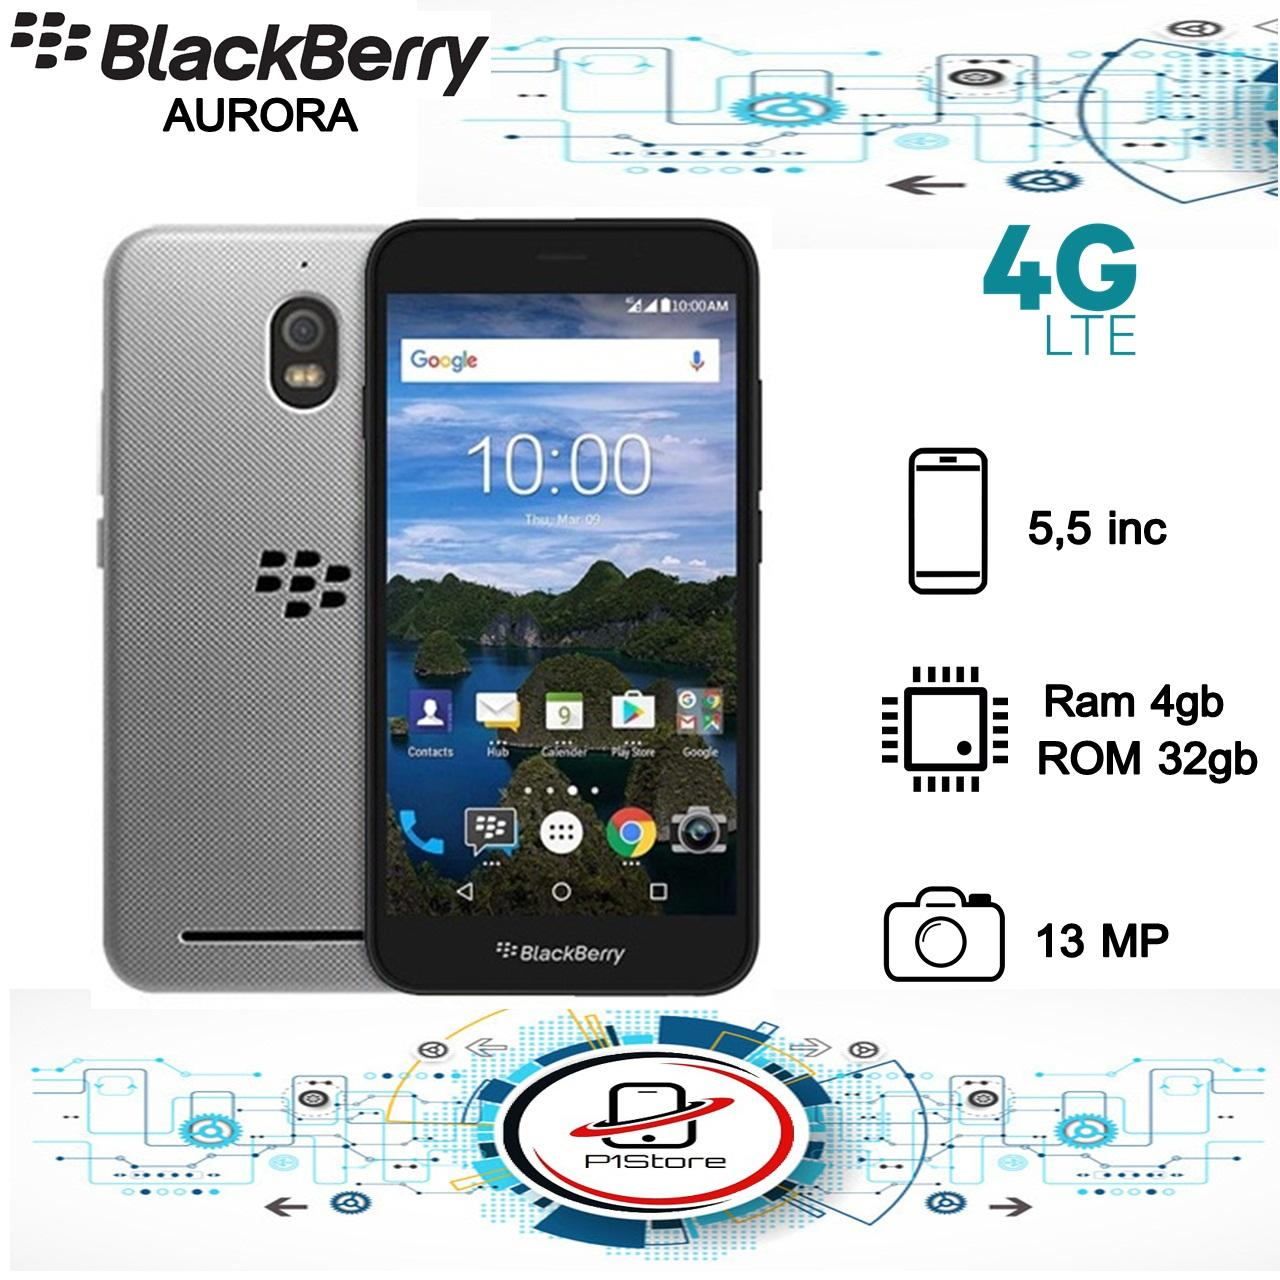 Harga Blackberry Amstrong Tam Lengkap Dan Spesifikasi Terbaru Aurora Garansi Resmi 1 Tahun Hitam Black C100 Ram 4gb Rom 32gb